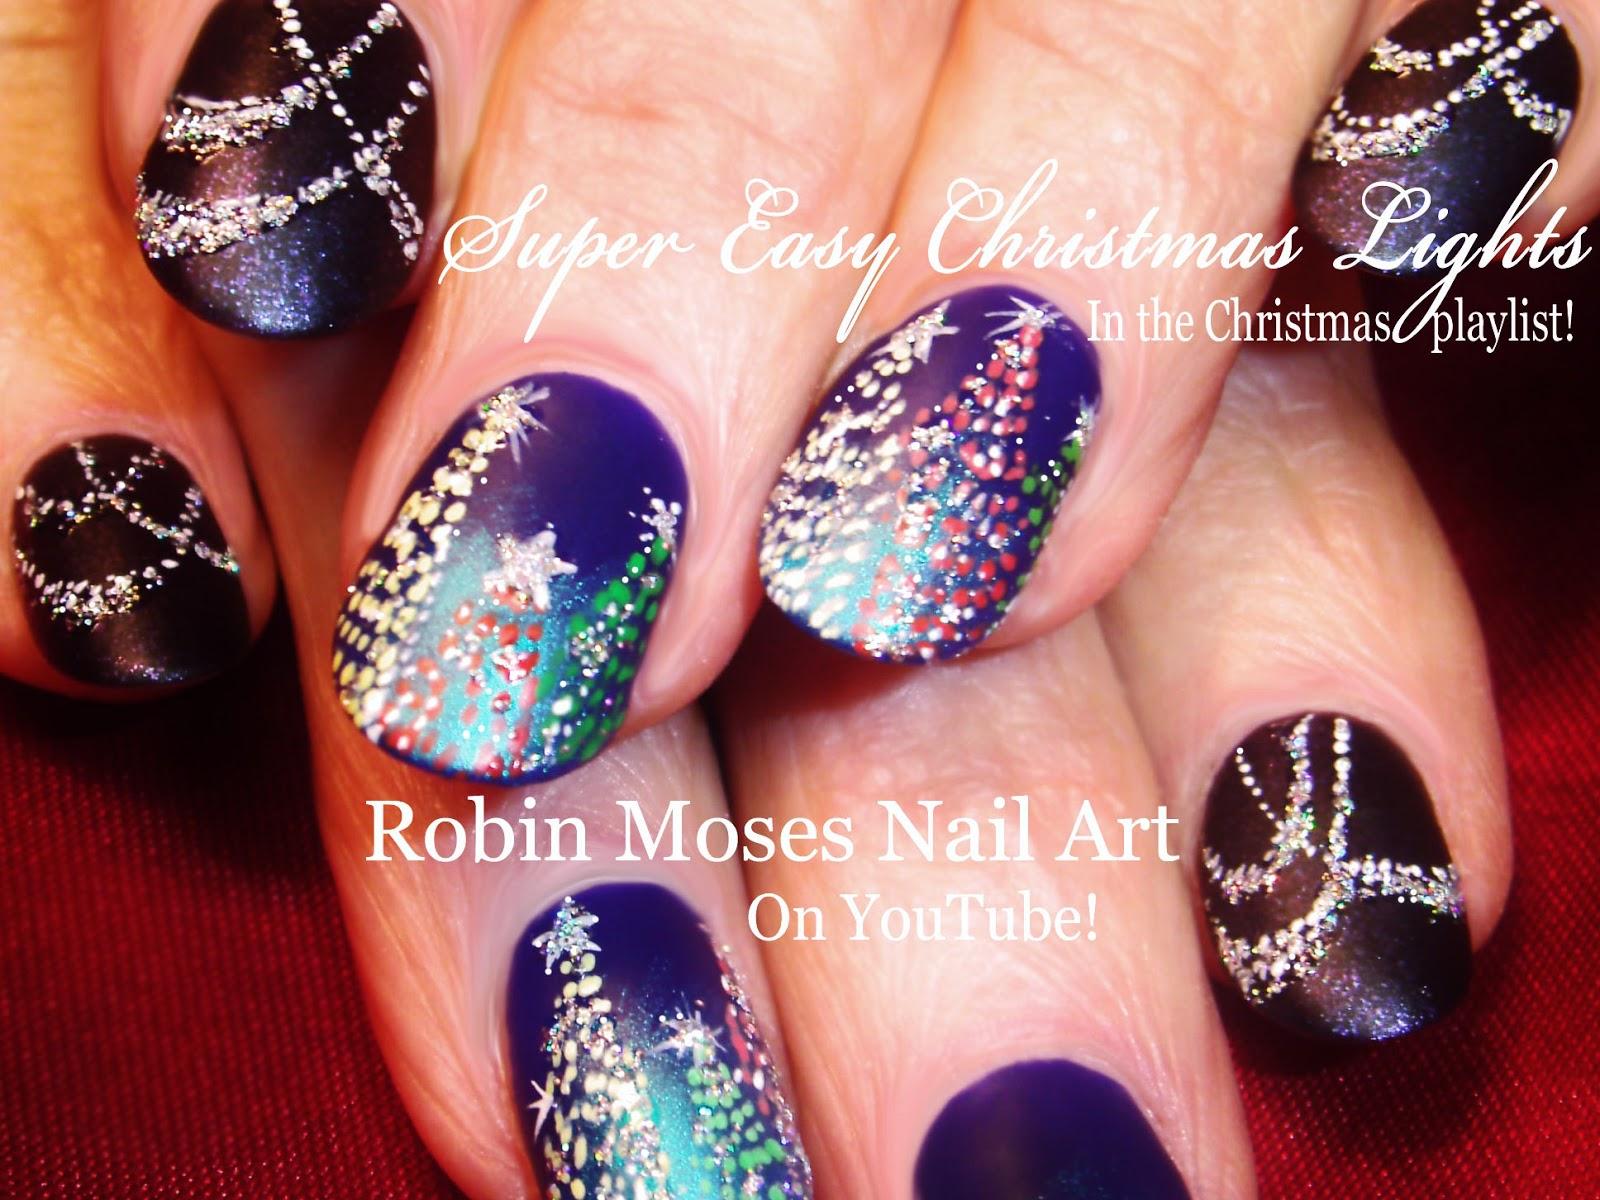 robin moses nail art easy christmas lights nail art